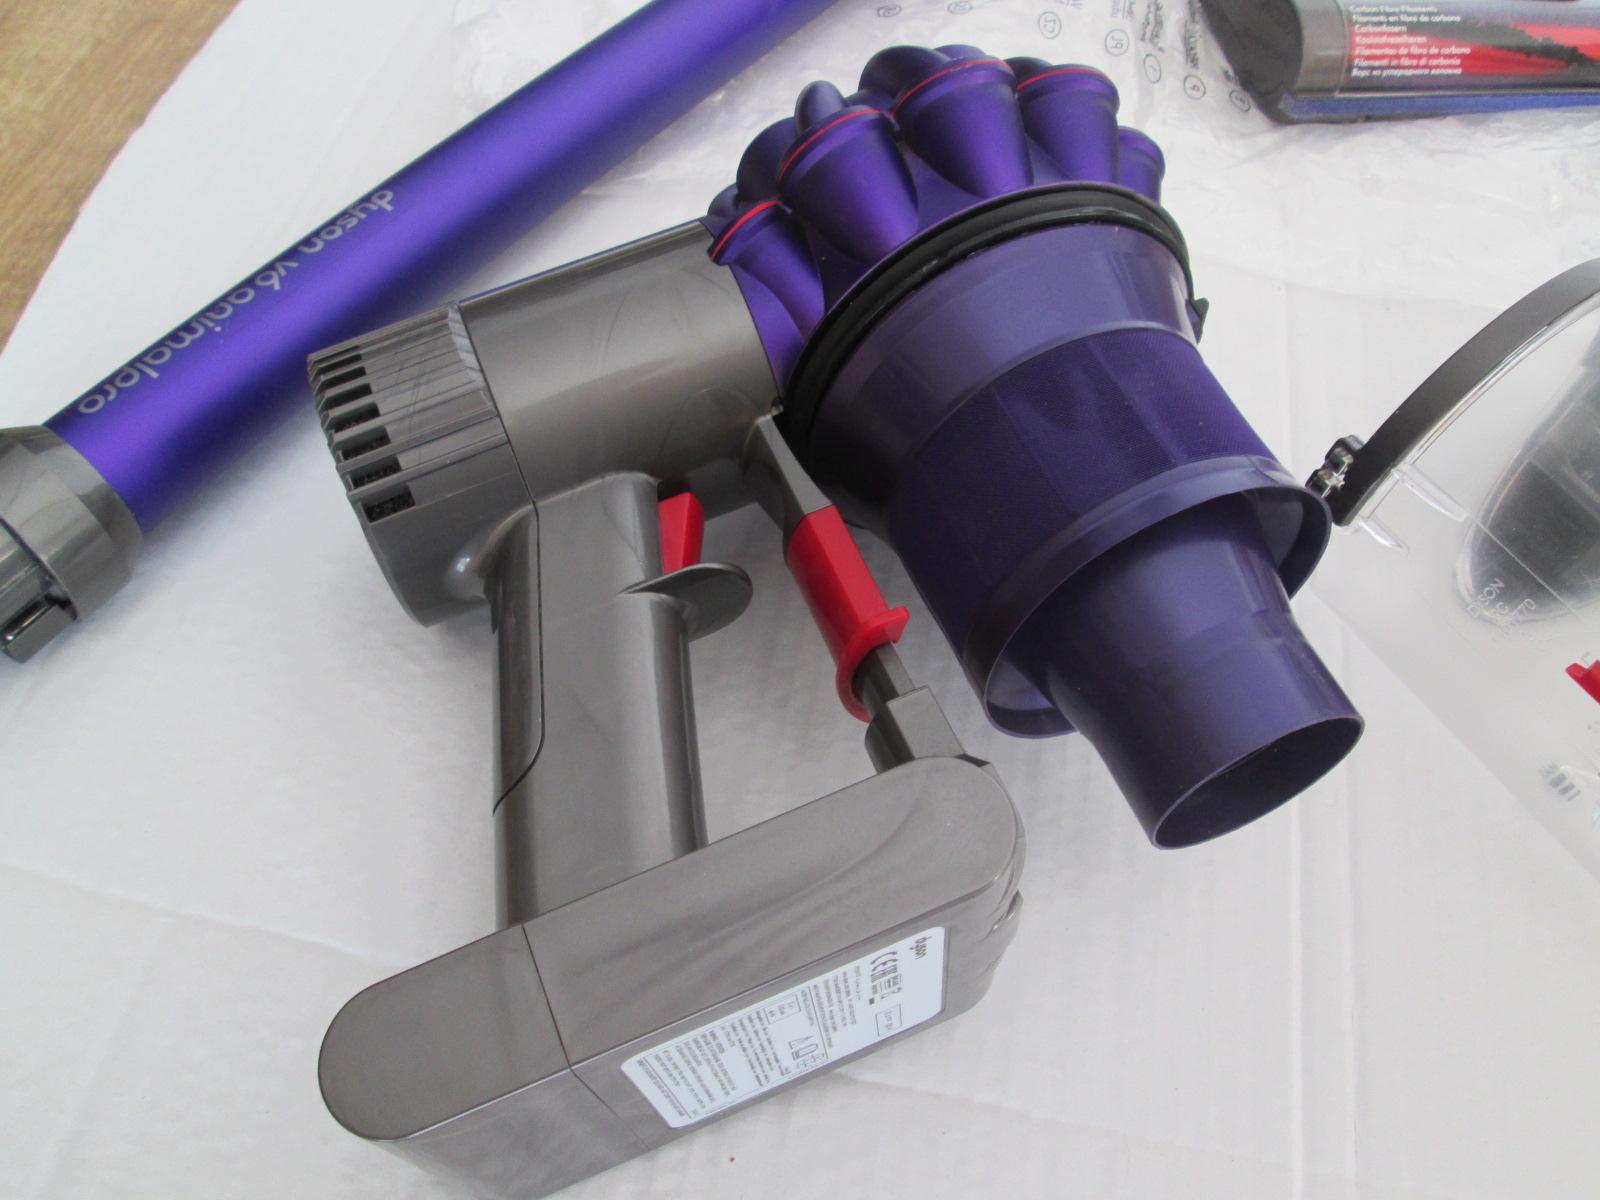 Аккумулятор dyson v6 plus цилиндрические пылесосы dyson цена